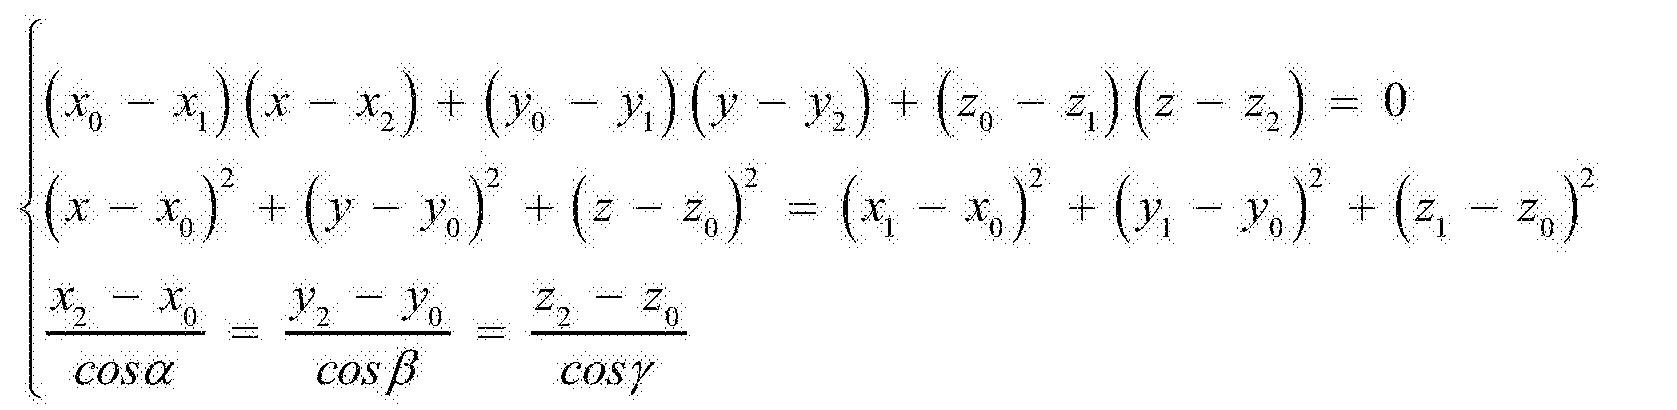 Figure CN104506828BD00113